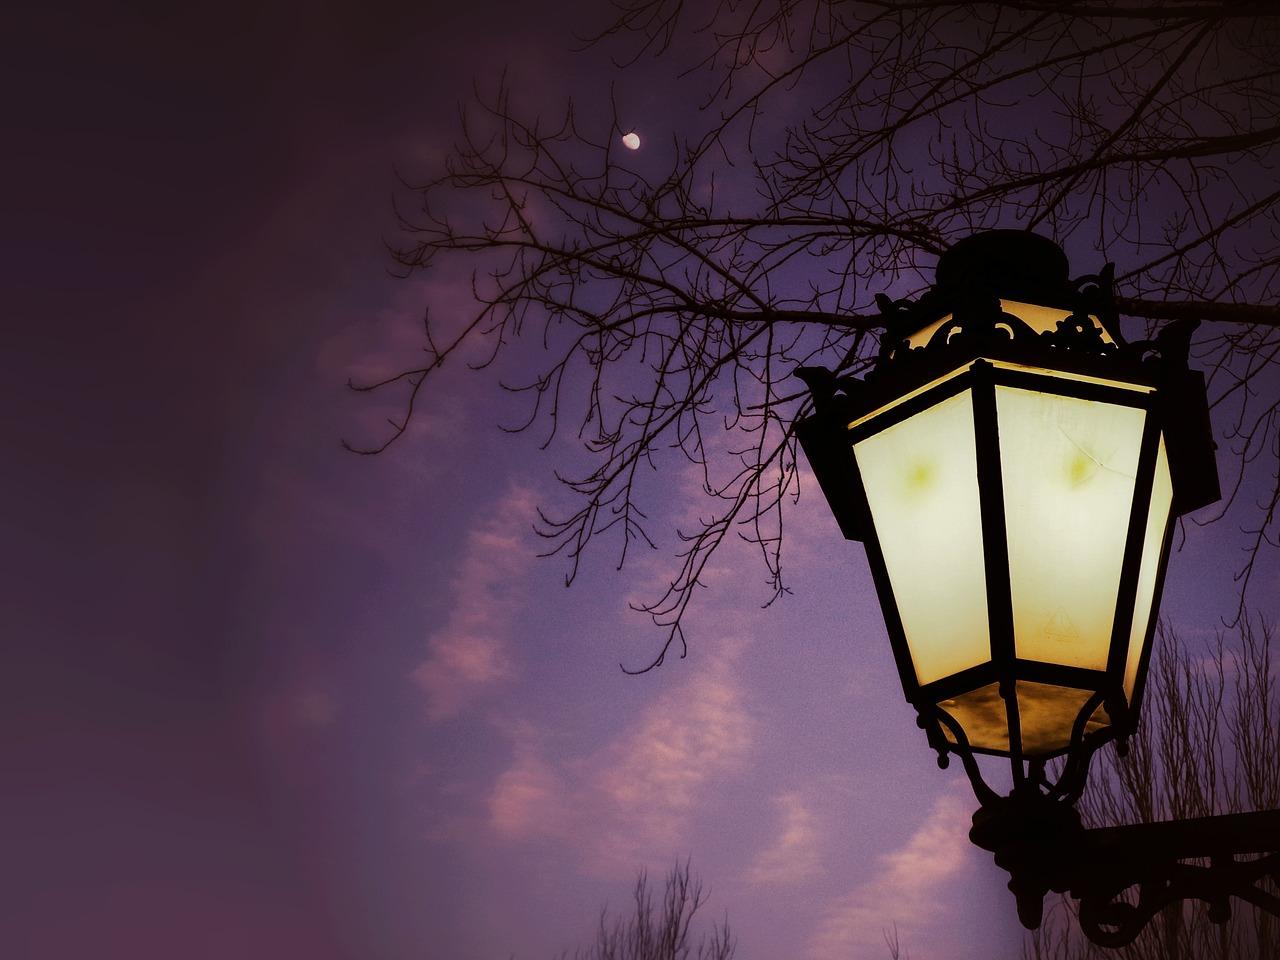 картинки фонарь ночью возможно сделать